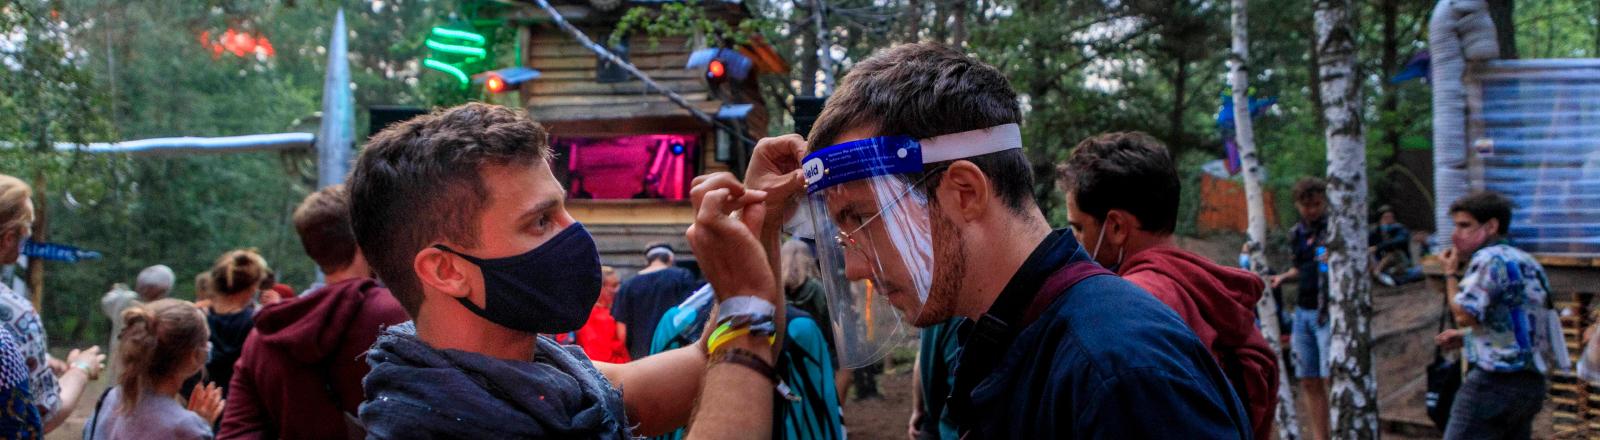 Szene beim Festival Milde Möhre während der Corona-Pandemie: Ein Mann zieht einem anderen Mann einen Plastikschutz an